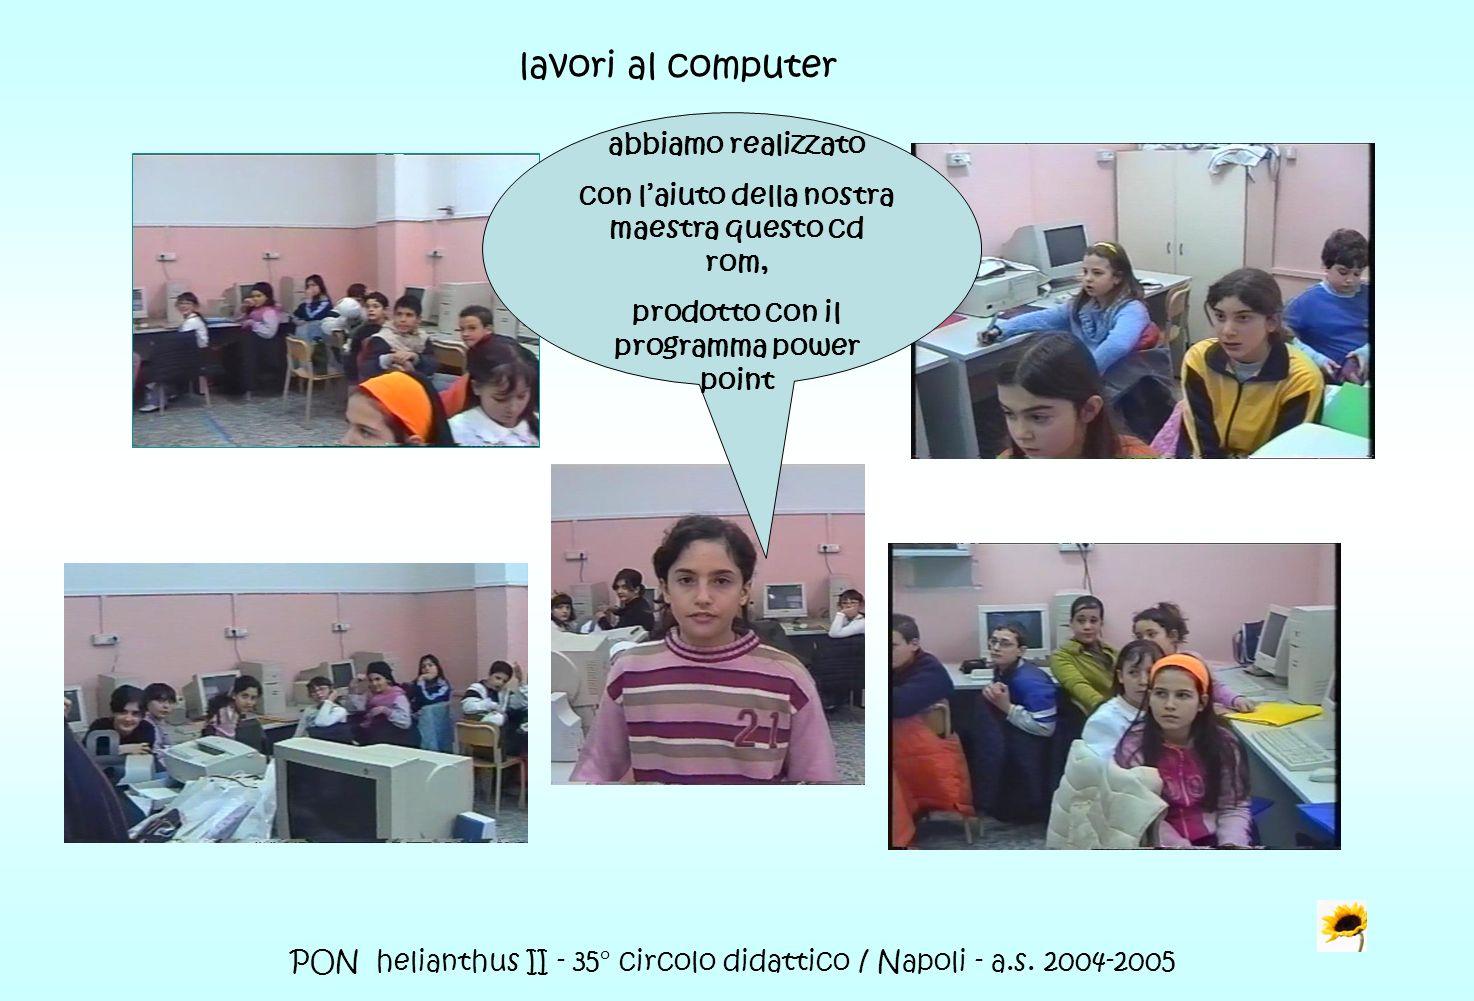 PON helianthus II - 35° circolo didattico / Napoli - a.s. 2004-2005 lavori al computer abbiamo realizzato con laiuto della nostra maestra questo cd ro